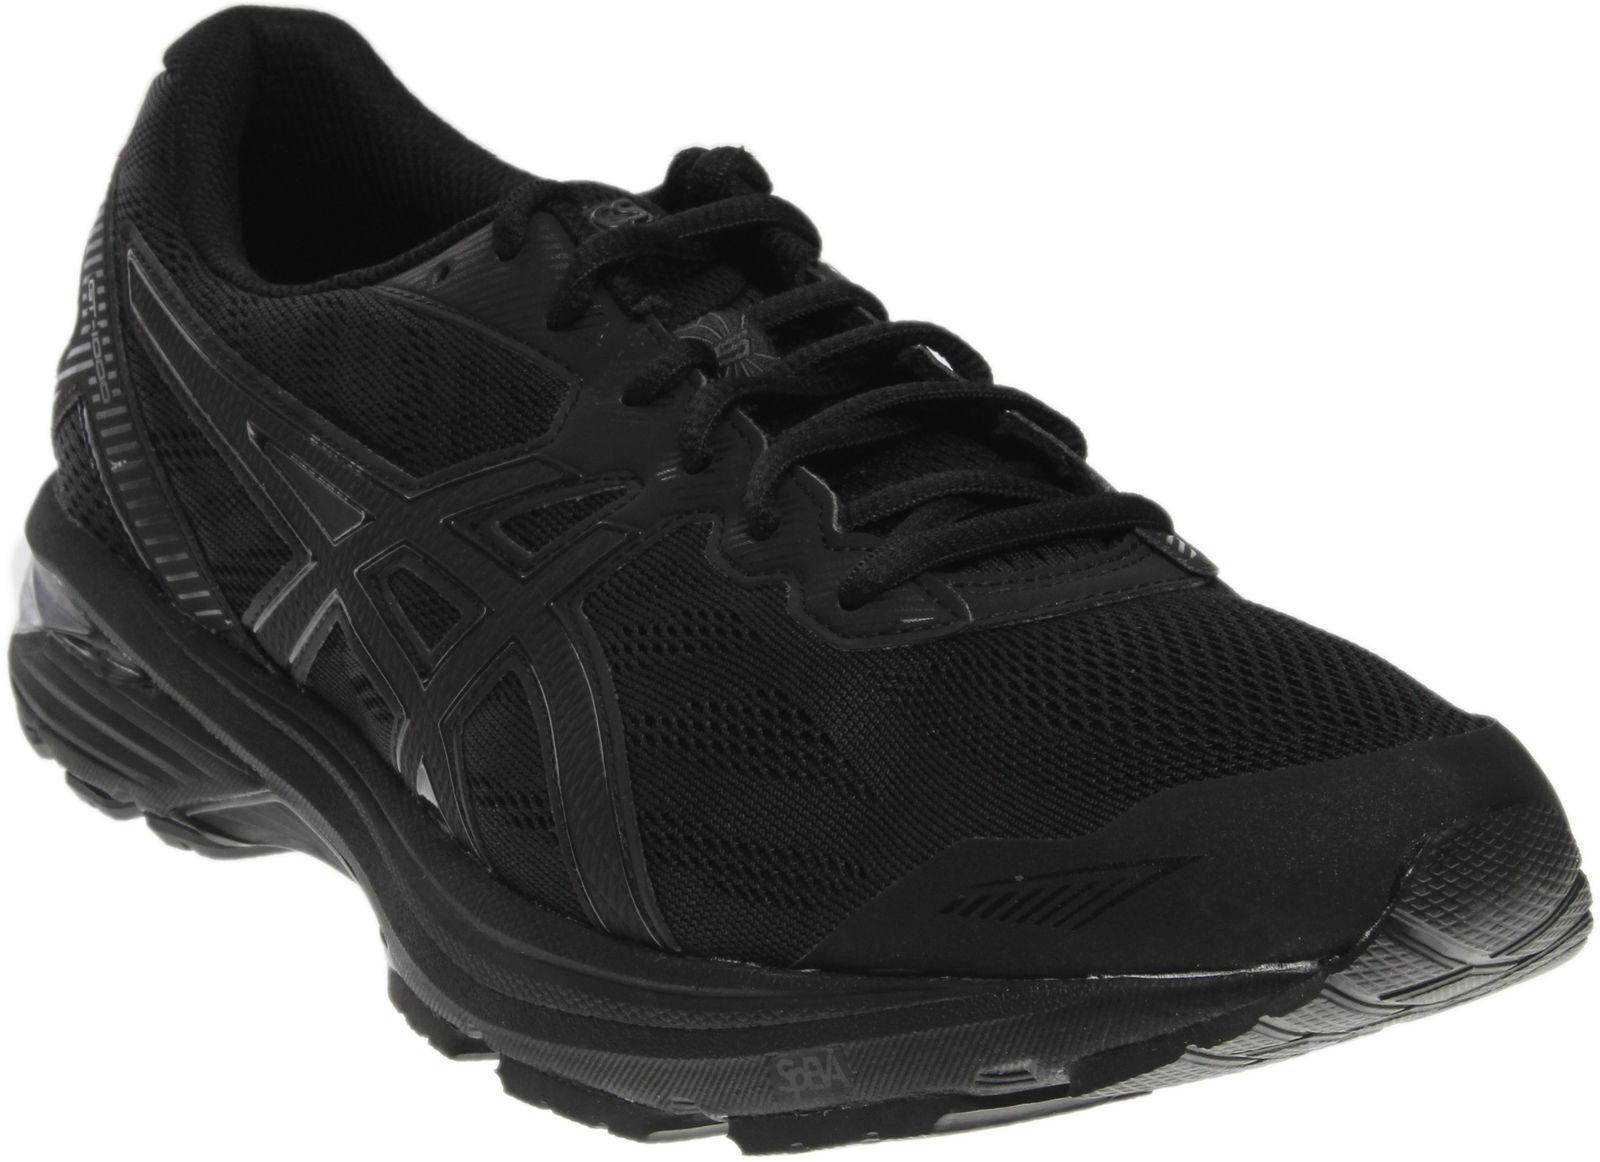 hommes Asics GT-1000 5 Running Chaussures noir / Onyx Sz 7.5 T6A3N 9099